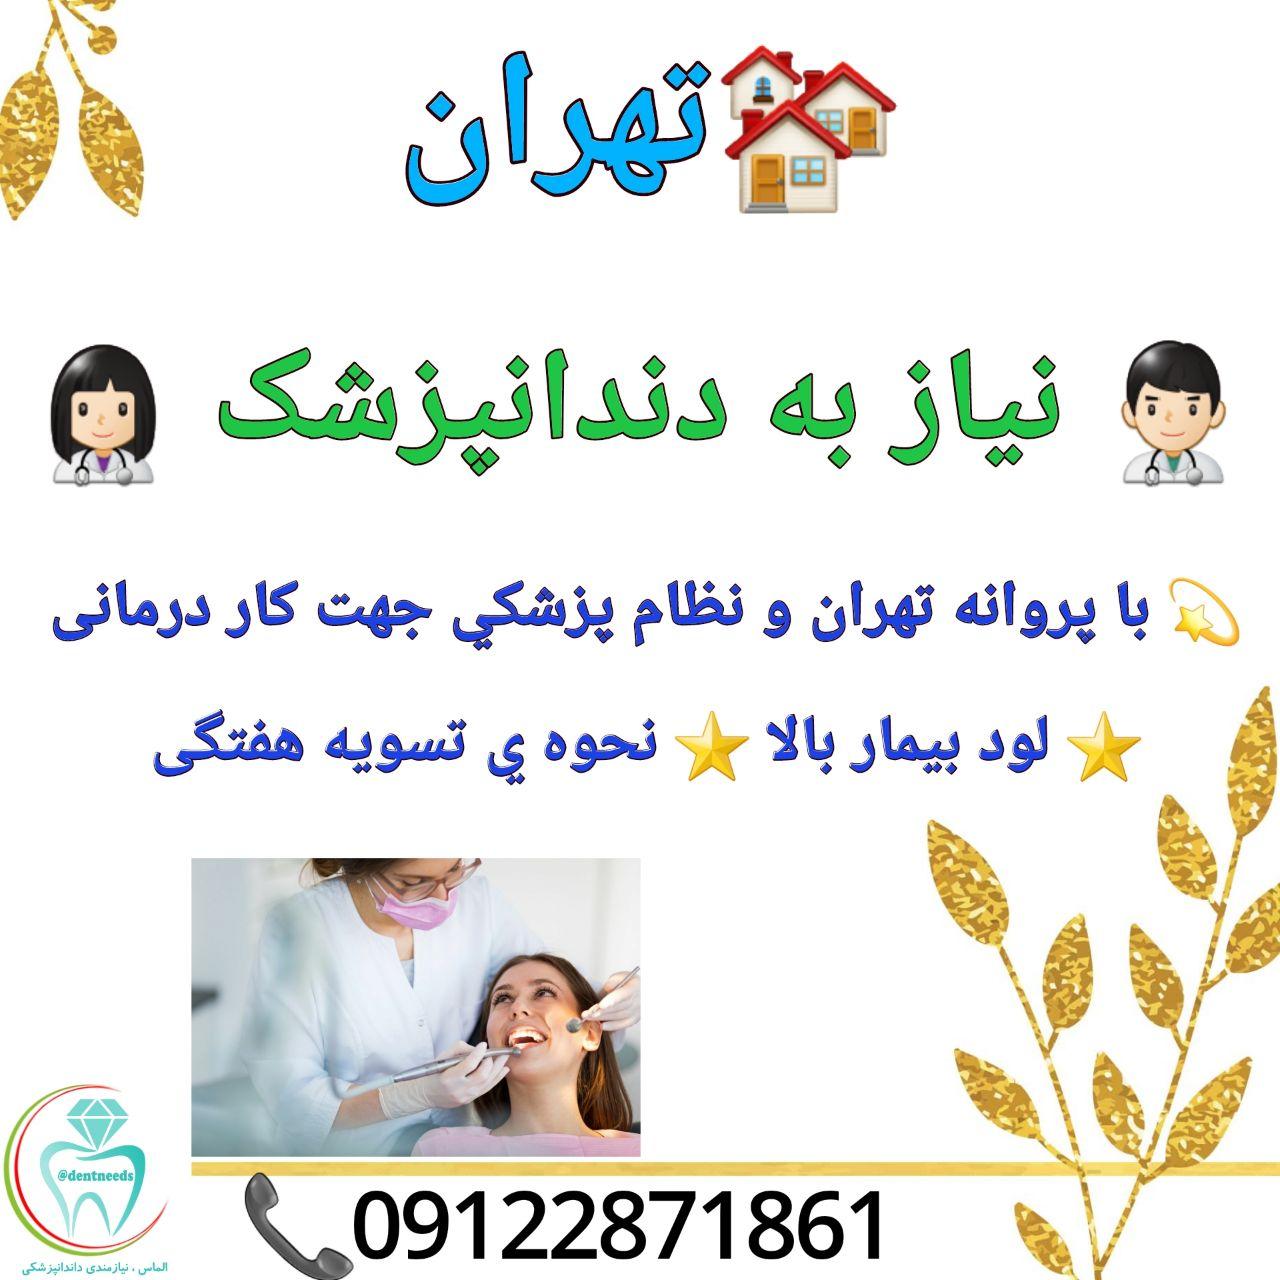 تهران: نیاز به دندانپزشک